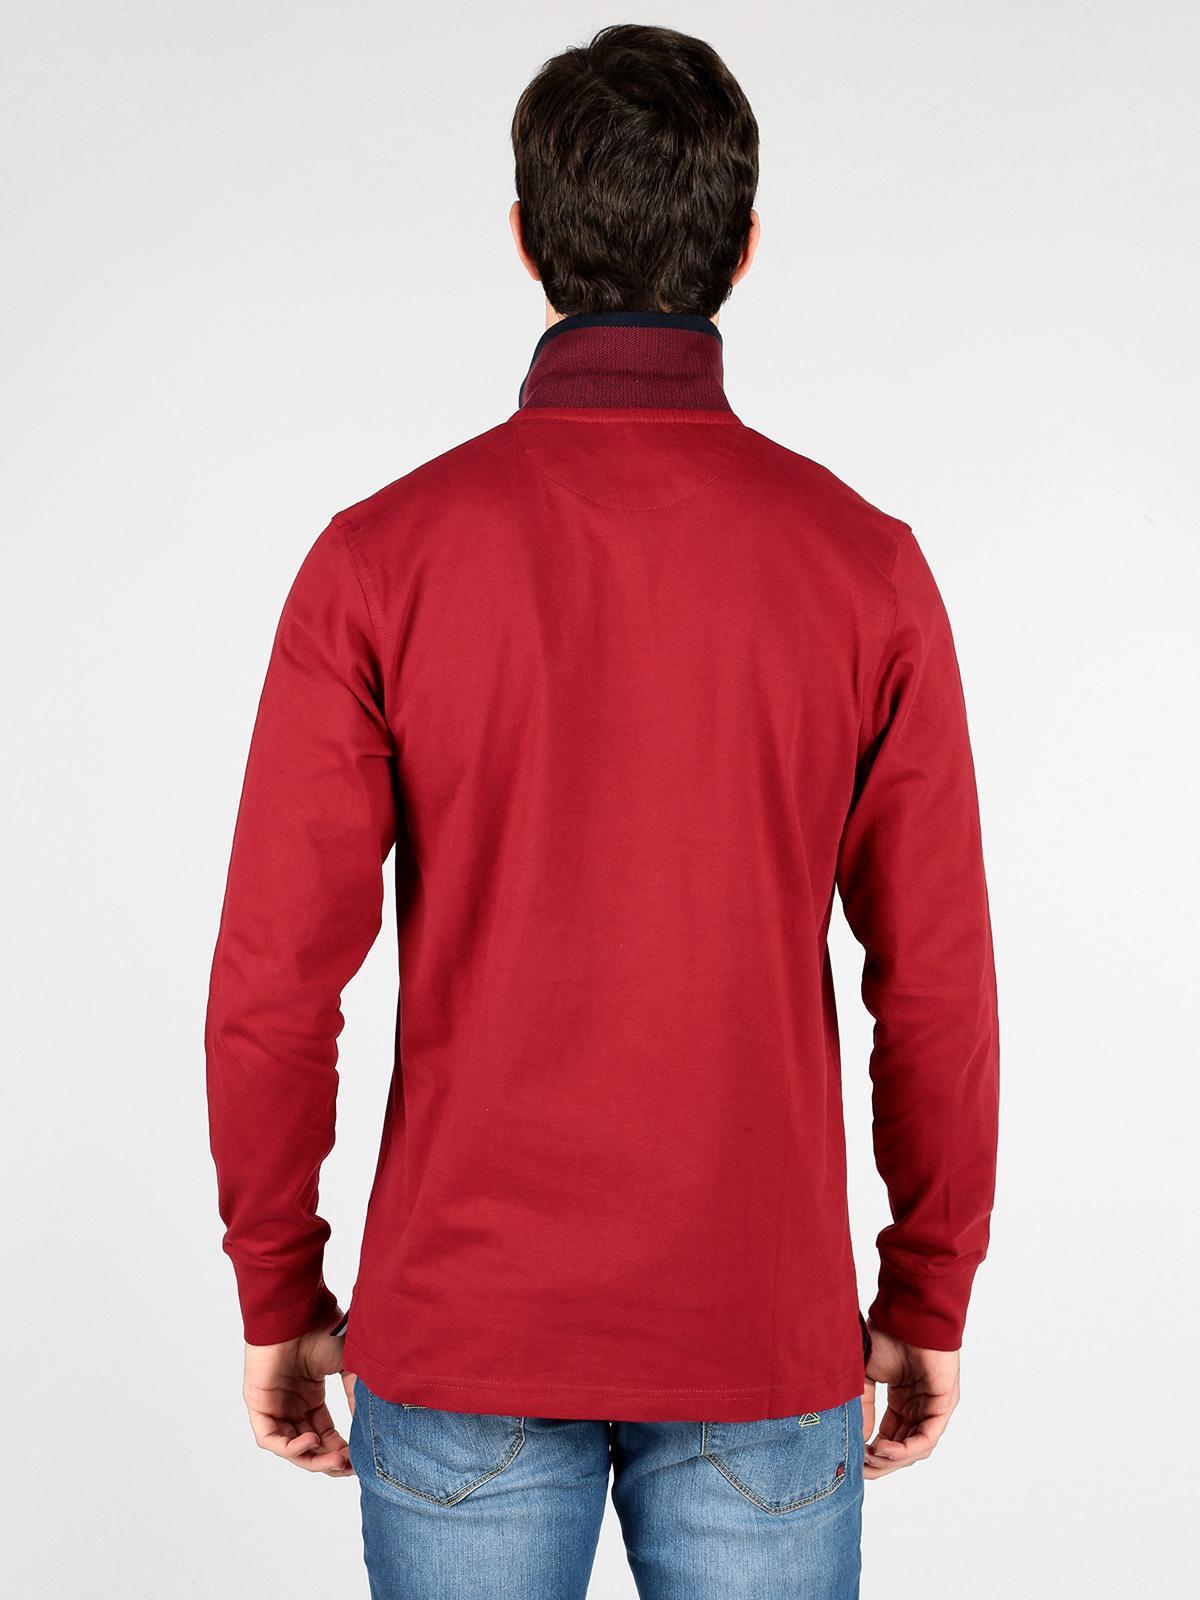 size 40 db1d8 1053f Polo a maniche lunghe con taschino - bordeaux be board ...